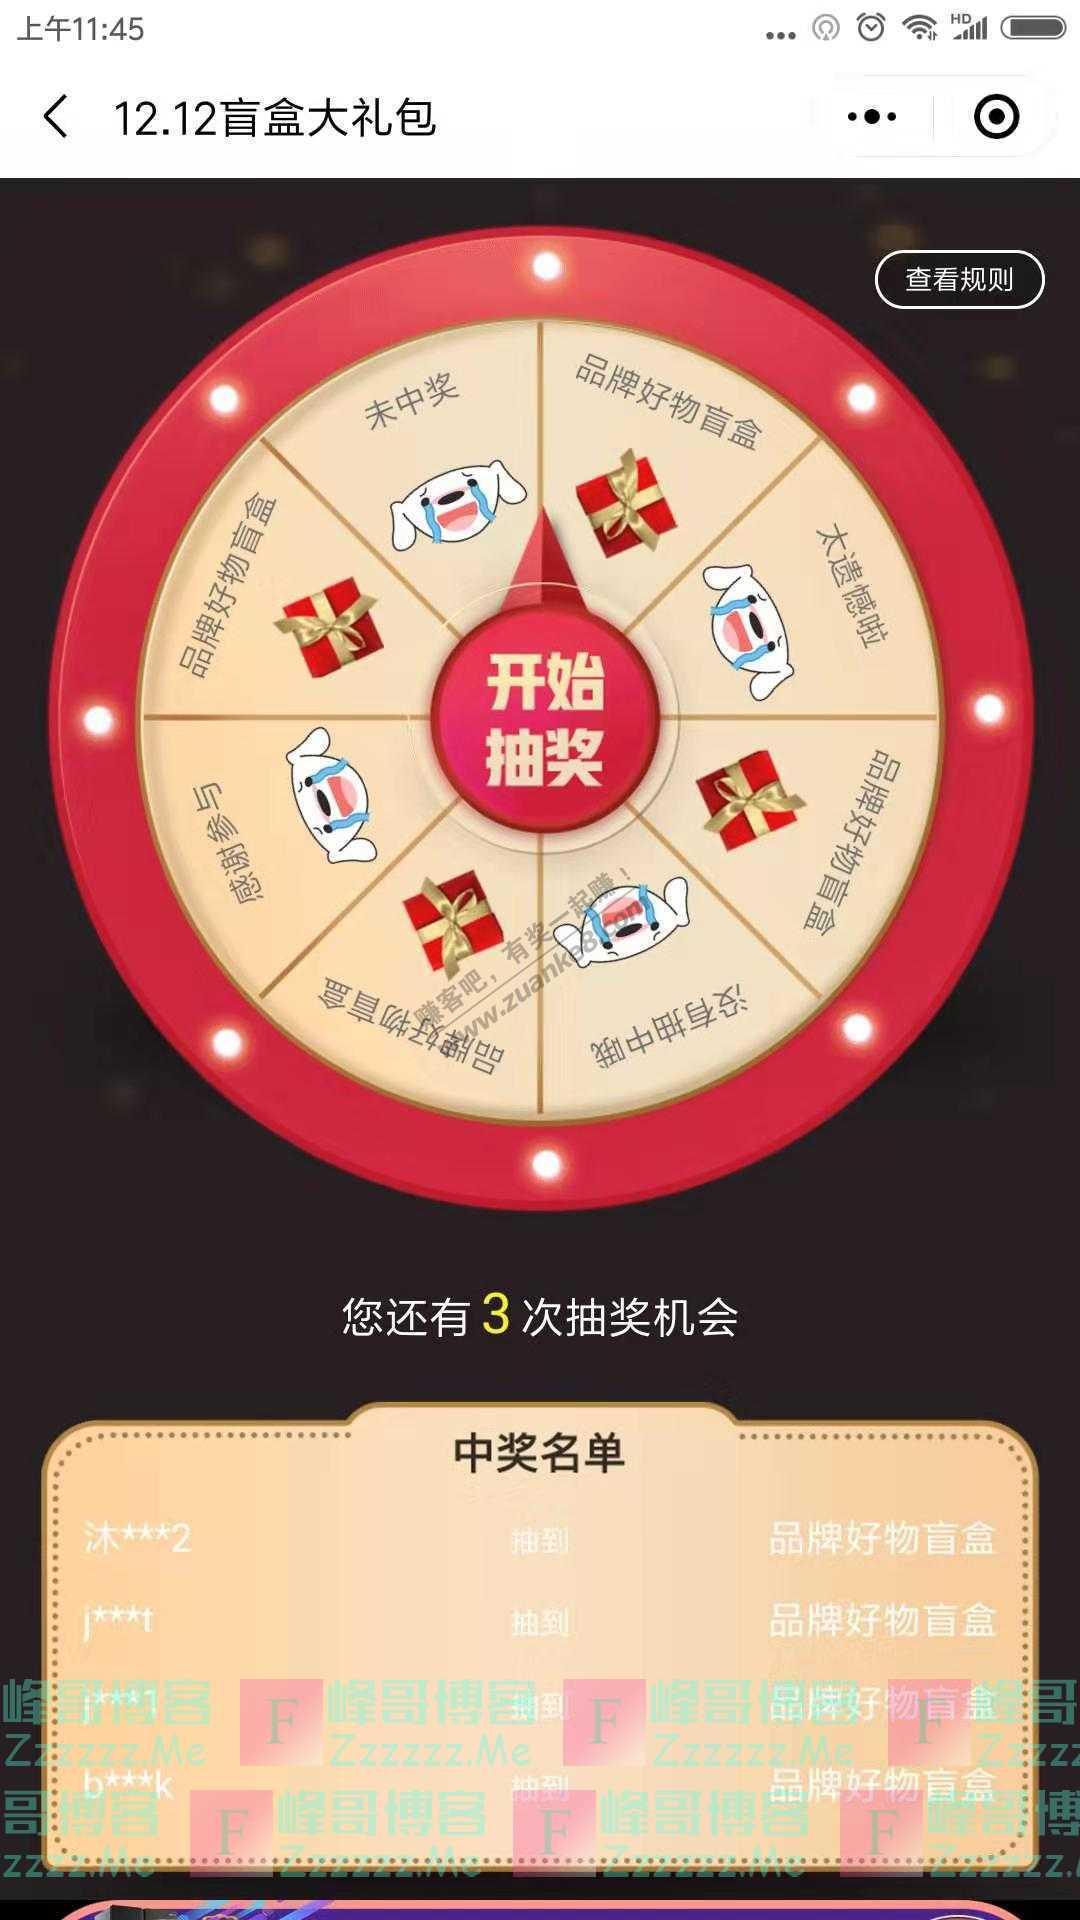 京东购物12.12盲盒大礼包(截止12月12日)